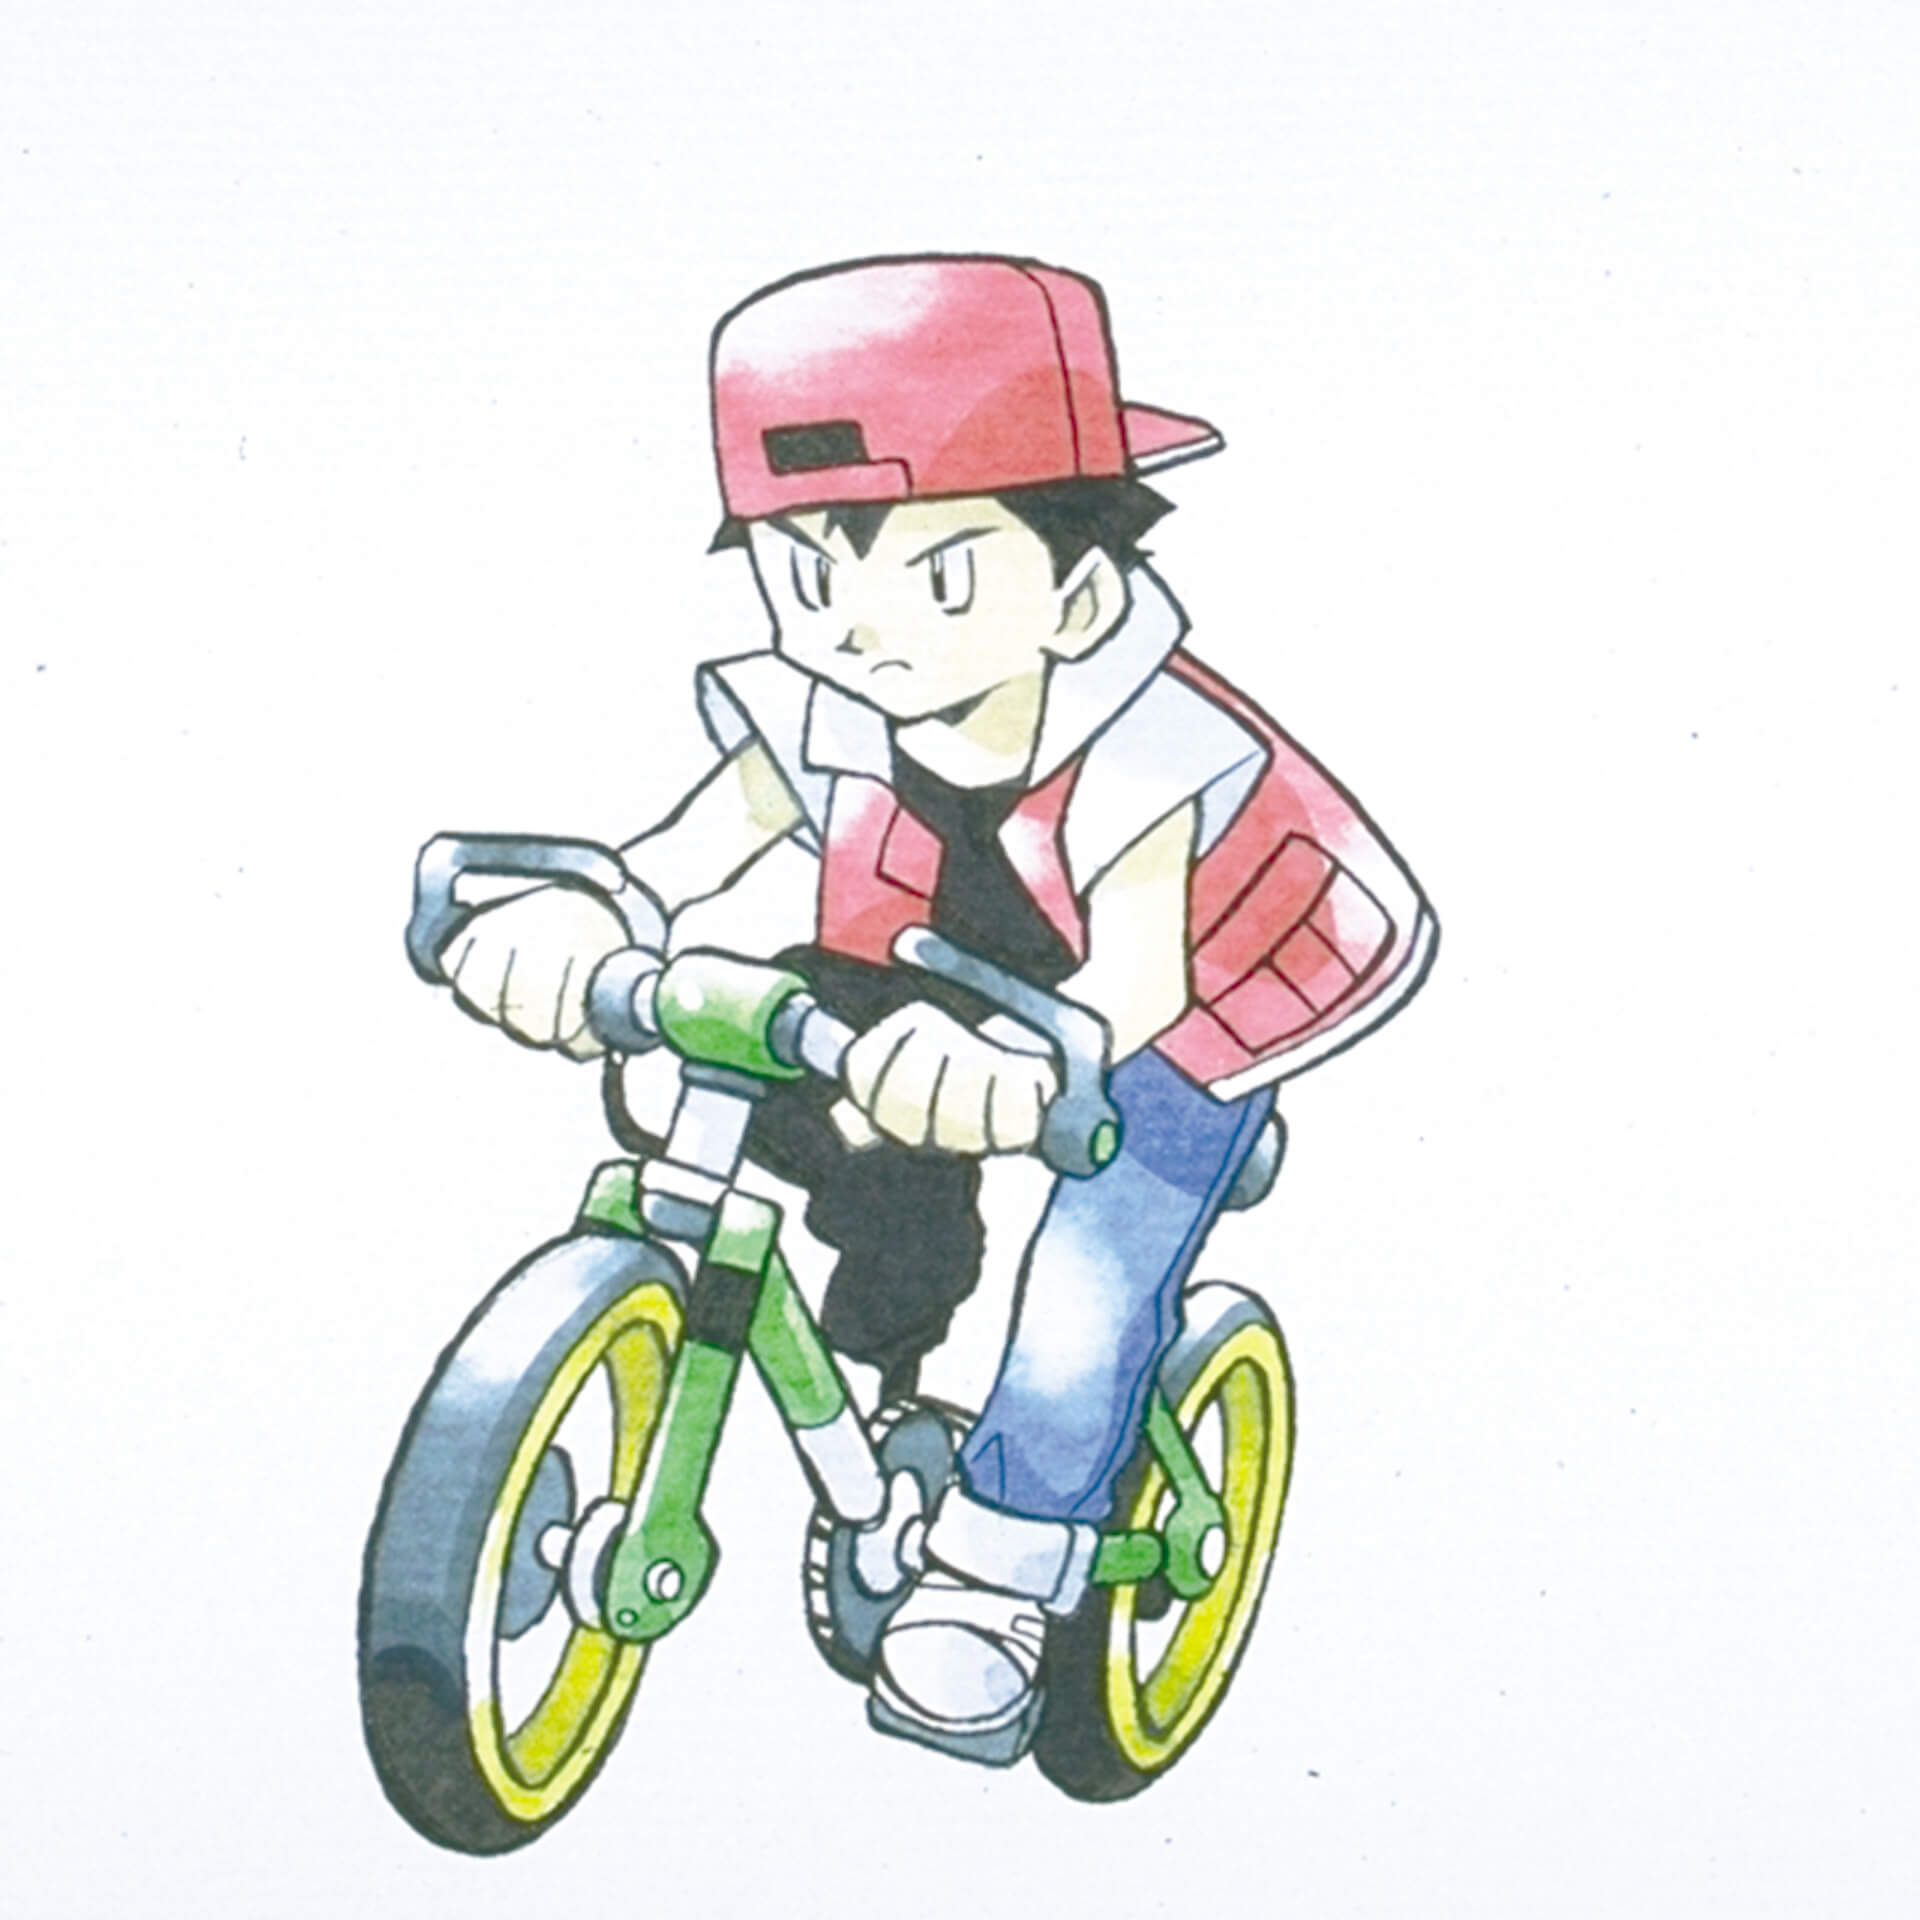 あの「ポケモンの100万円じてんしゃ」がゲットできる!『ポケットモンスター 赤・緑』のじてんしゃが等身大模型になって登場 tech210730_pokemon_bike_5